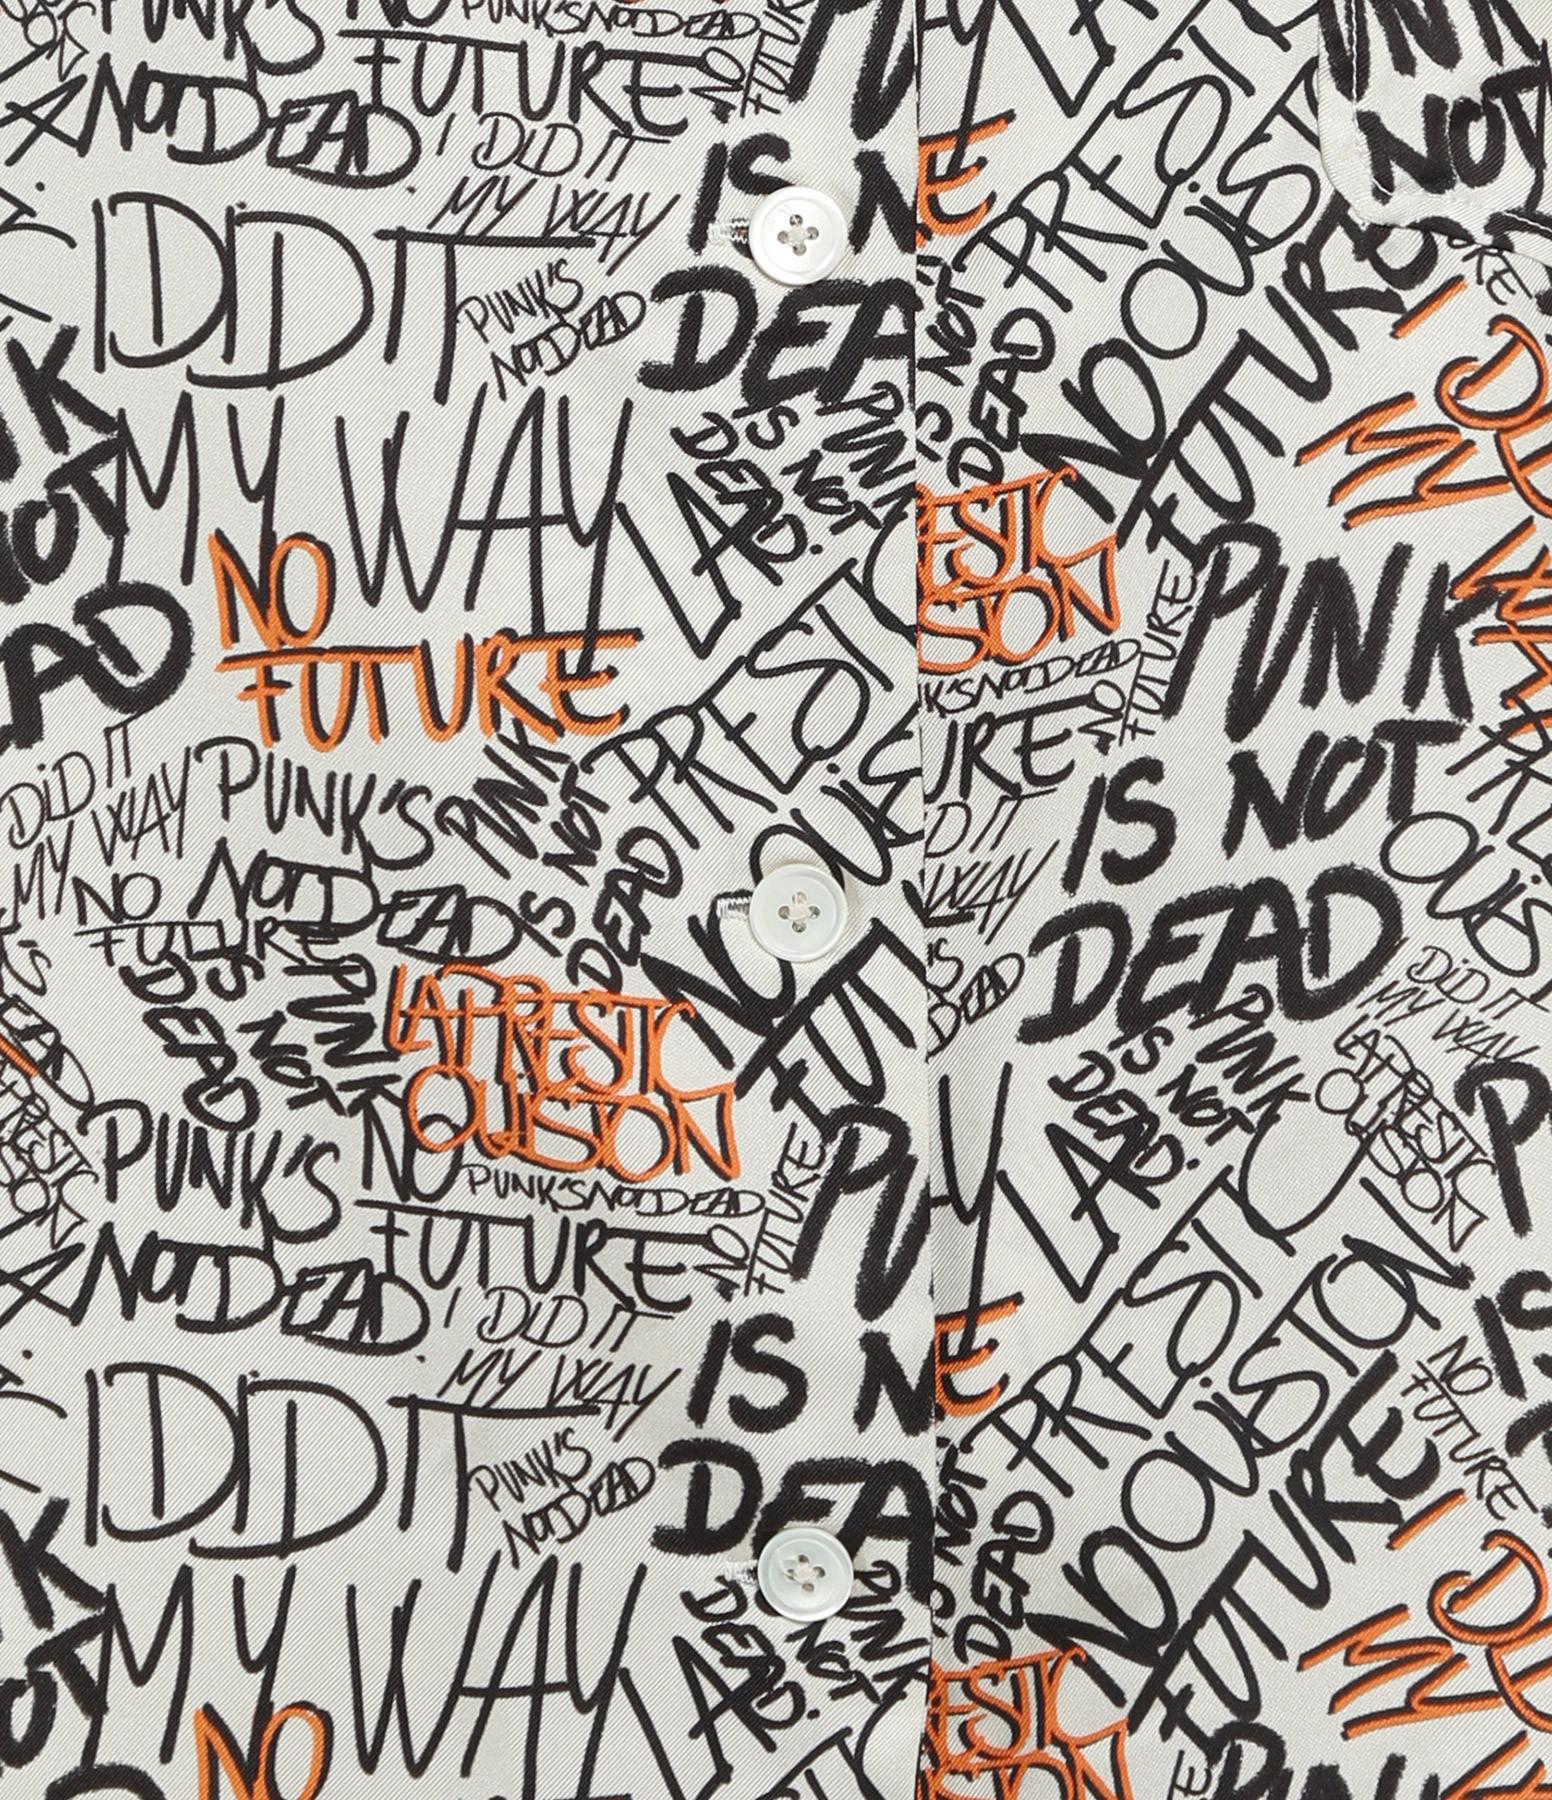 LA PRESTIC OUISTON - Chemise Hawaï Soie Graffiti